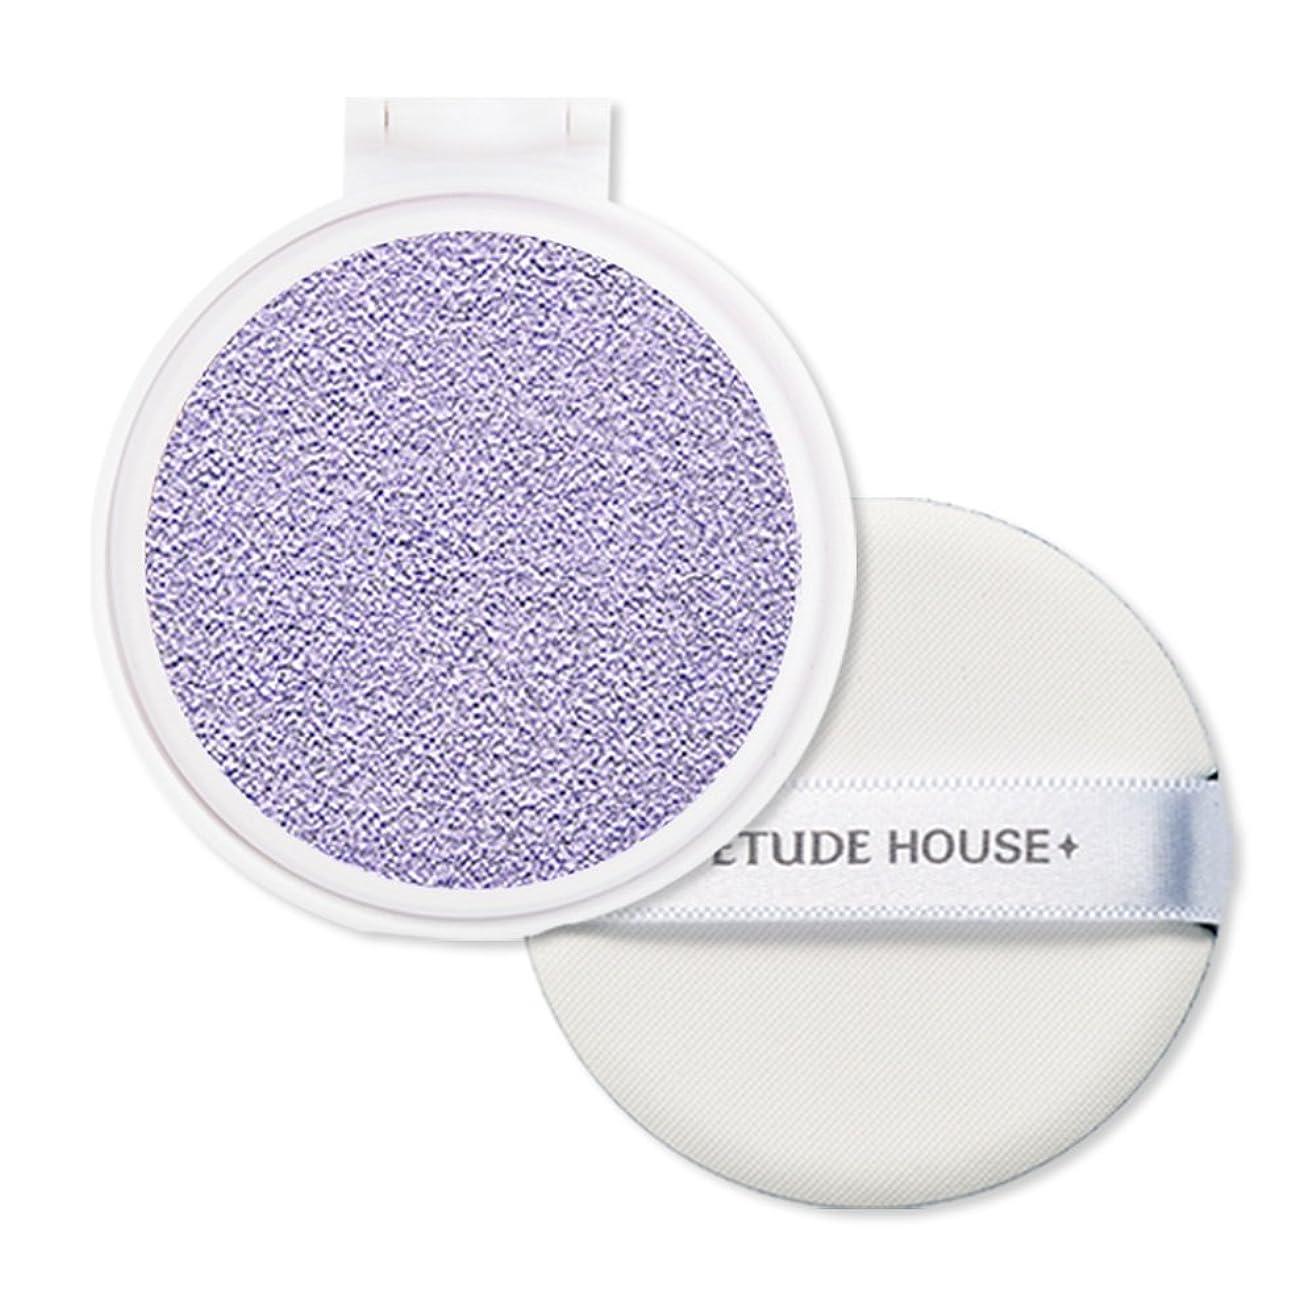 挑発する摩擦ペルーエチュードハウス(ETUDE HOUSE) エニークッション カラーコレクター レフィル Lavender